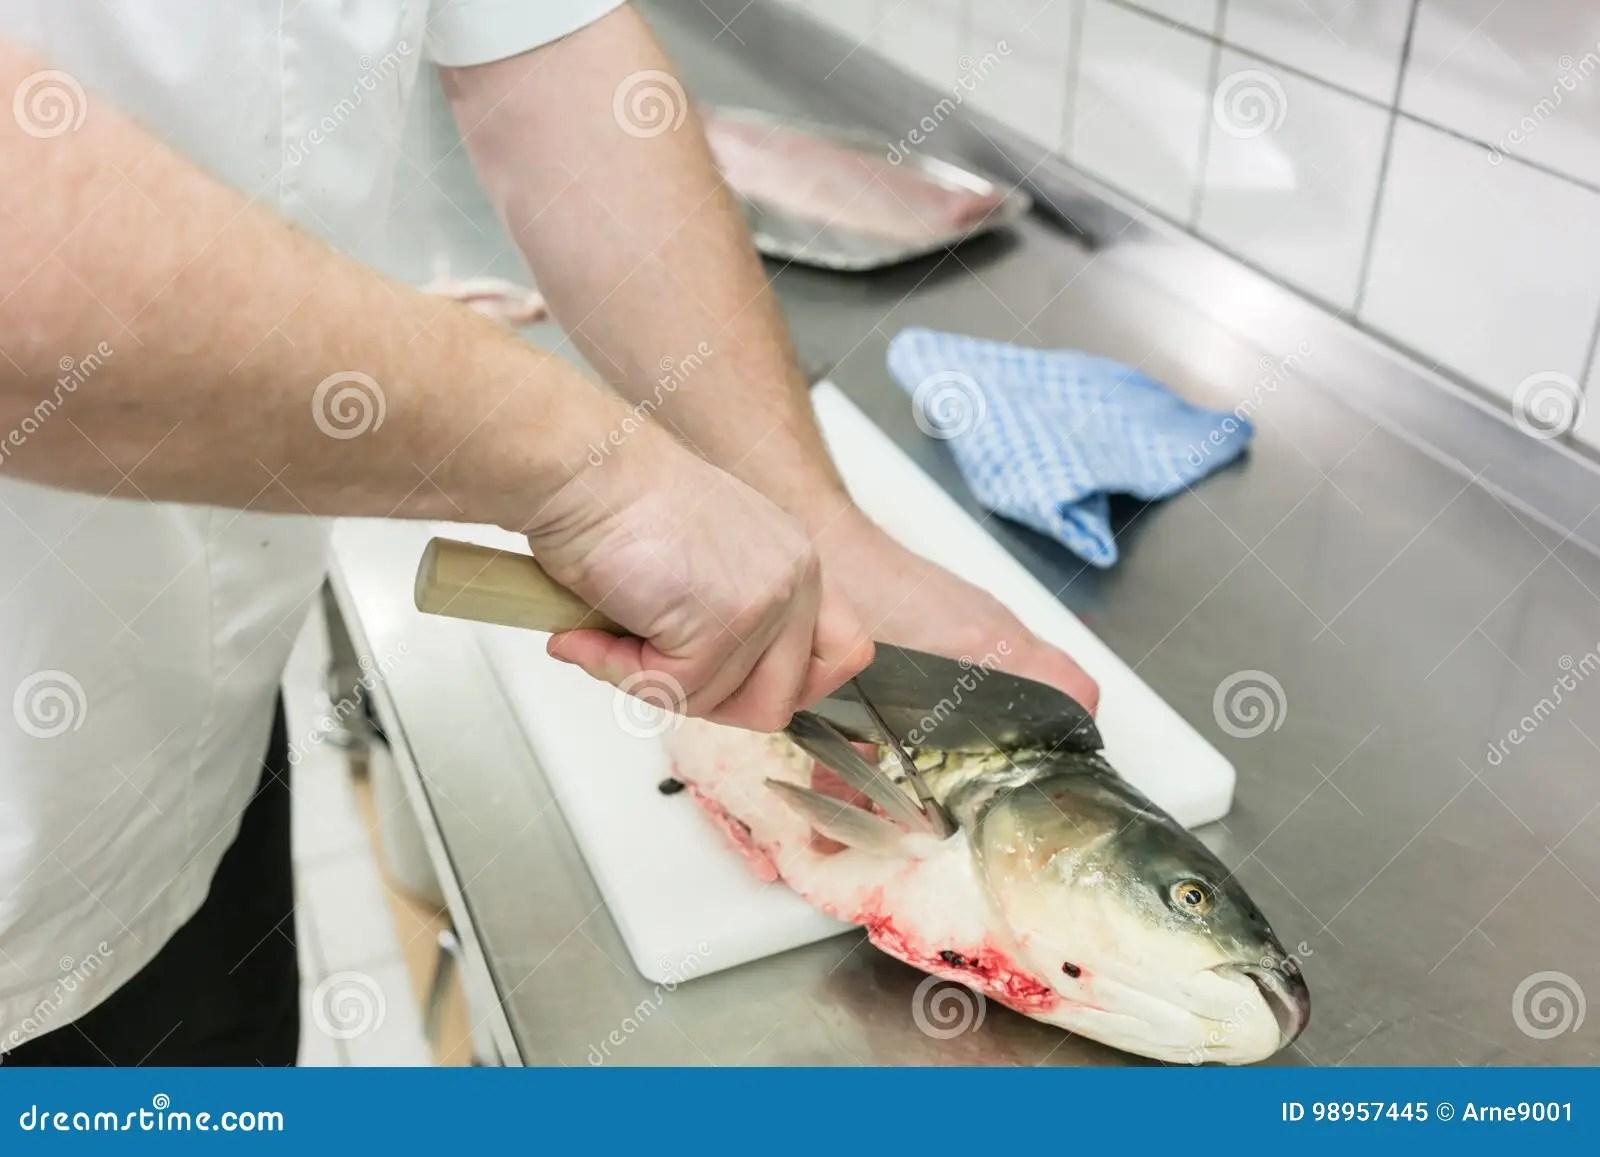 kitchen to go wine decorations for 餐馆厨房去骨切片的鲤鱼鱼的厨师库存图片 图片包括有庄稼 职业 内圆角 餐馆厨房去骨切片的鲤鱼鱼的 特写镜头厨师